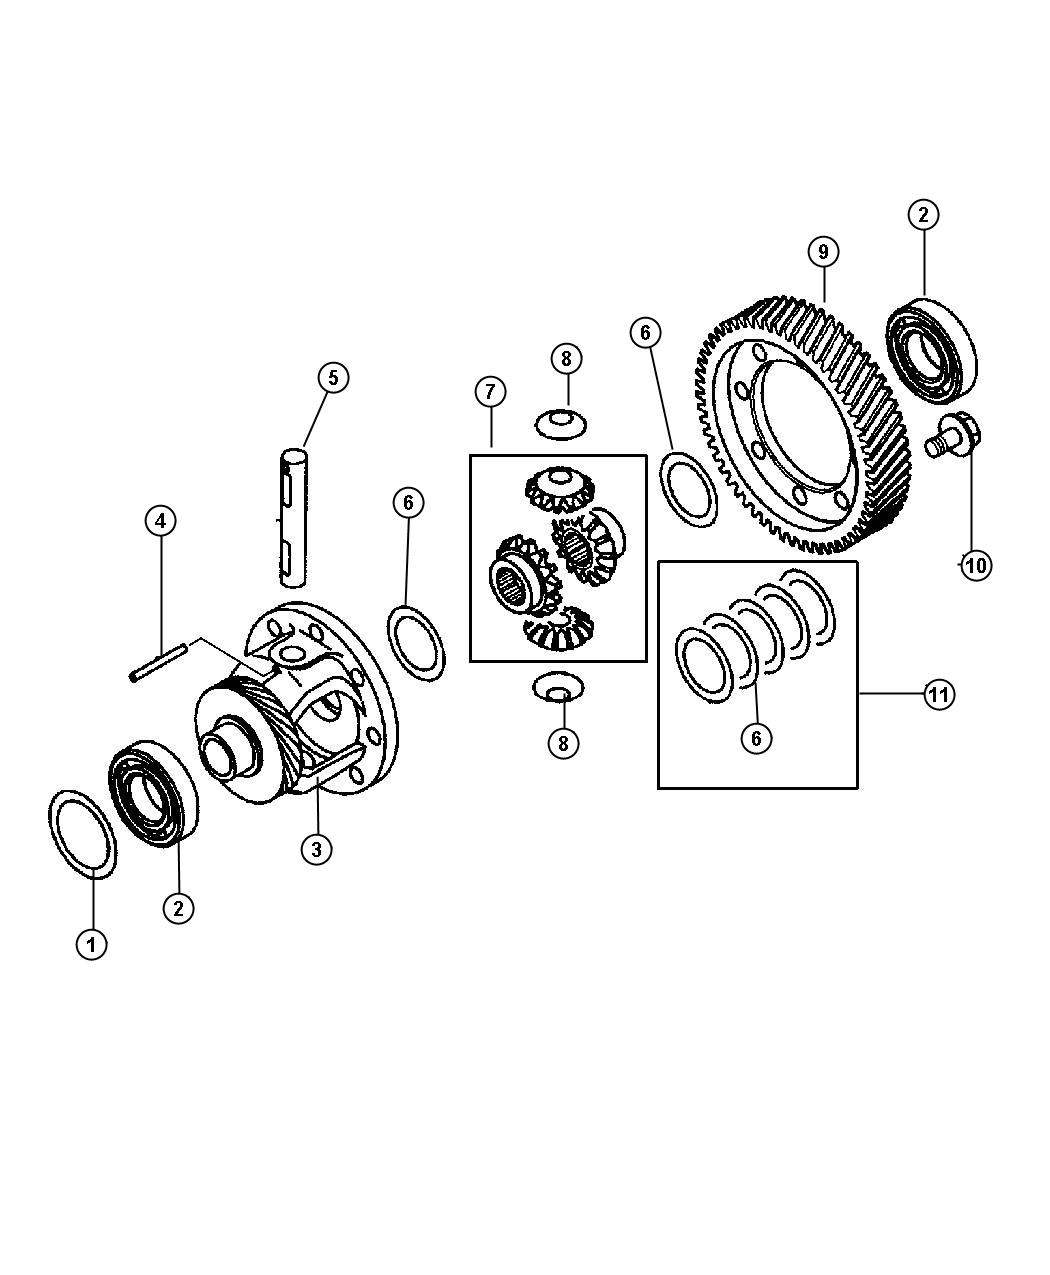 Dodge Stratus Case. Transaxle differential. Diiferential